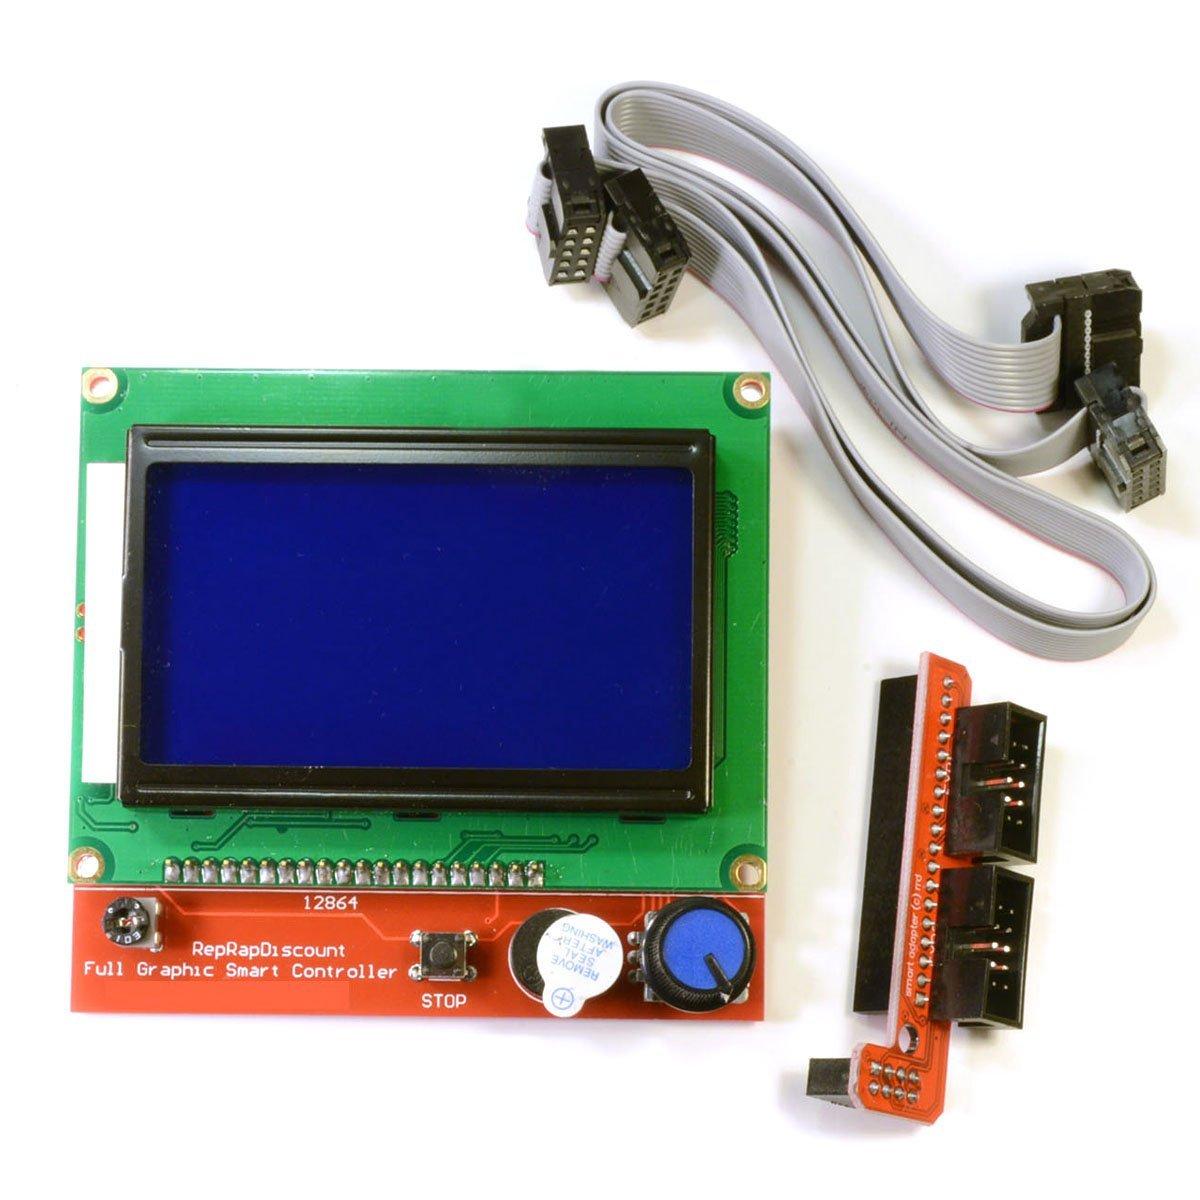 Volle Grafik Smart Controller LCD Display für RAMPEN 1,4 RepRap 3D Drucker Elektronik (12864 display mit SD kartenleser)